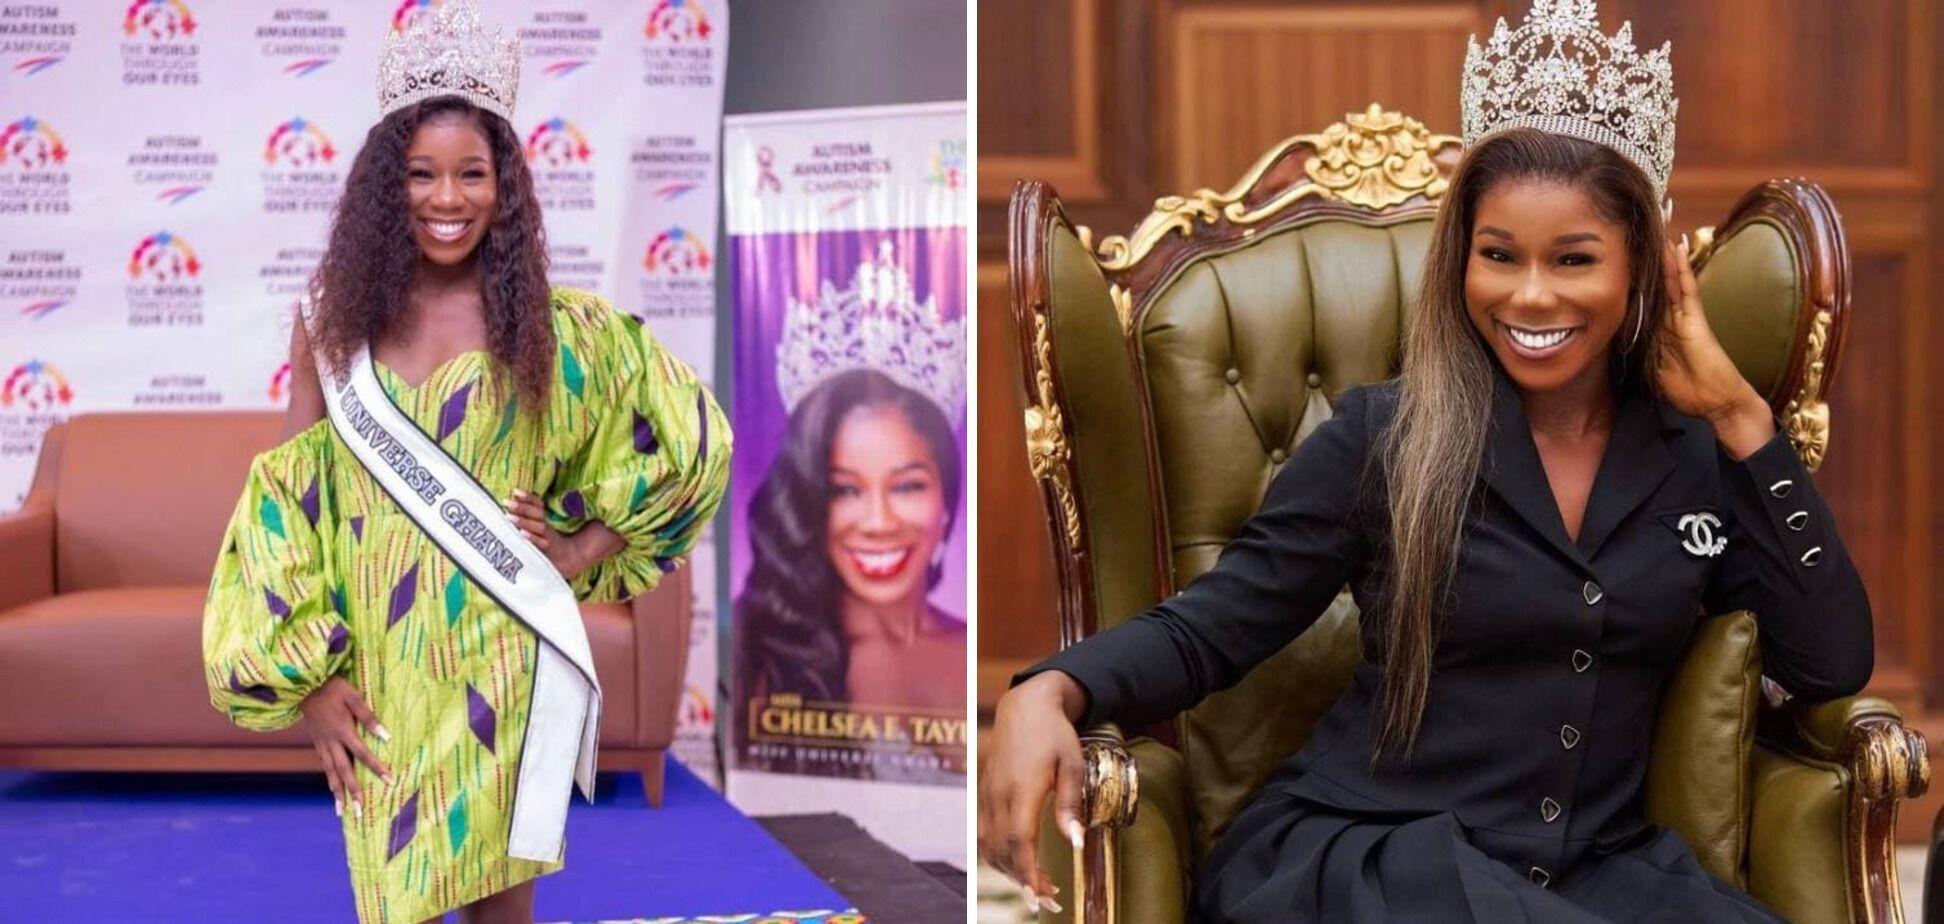 Челси Тайуи выиграла в конкурсе красоты в республике Гана.